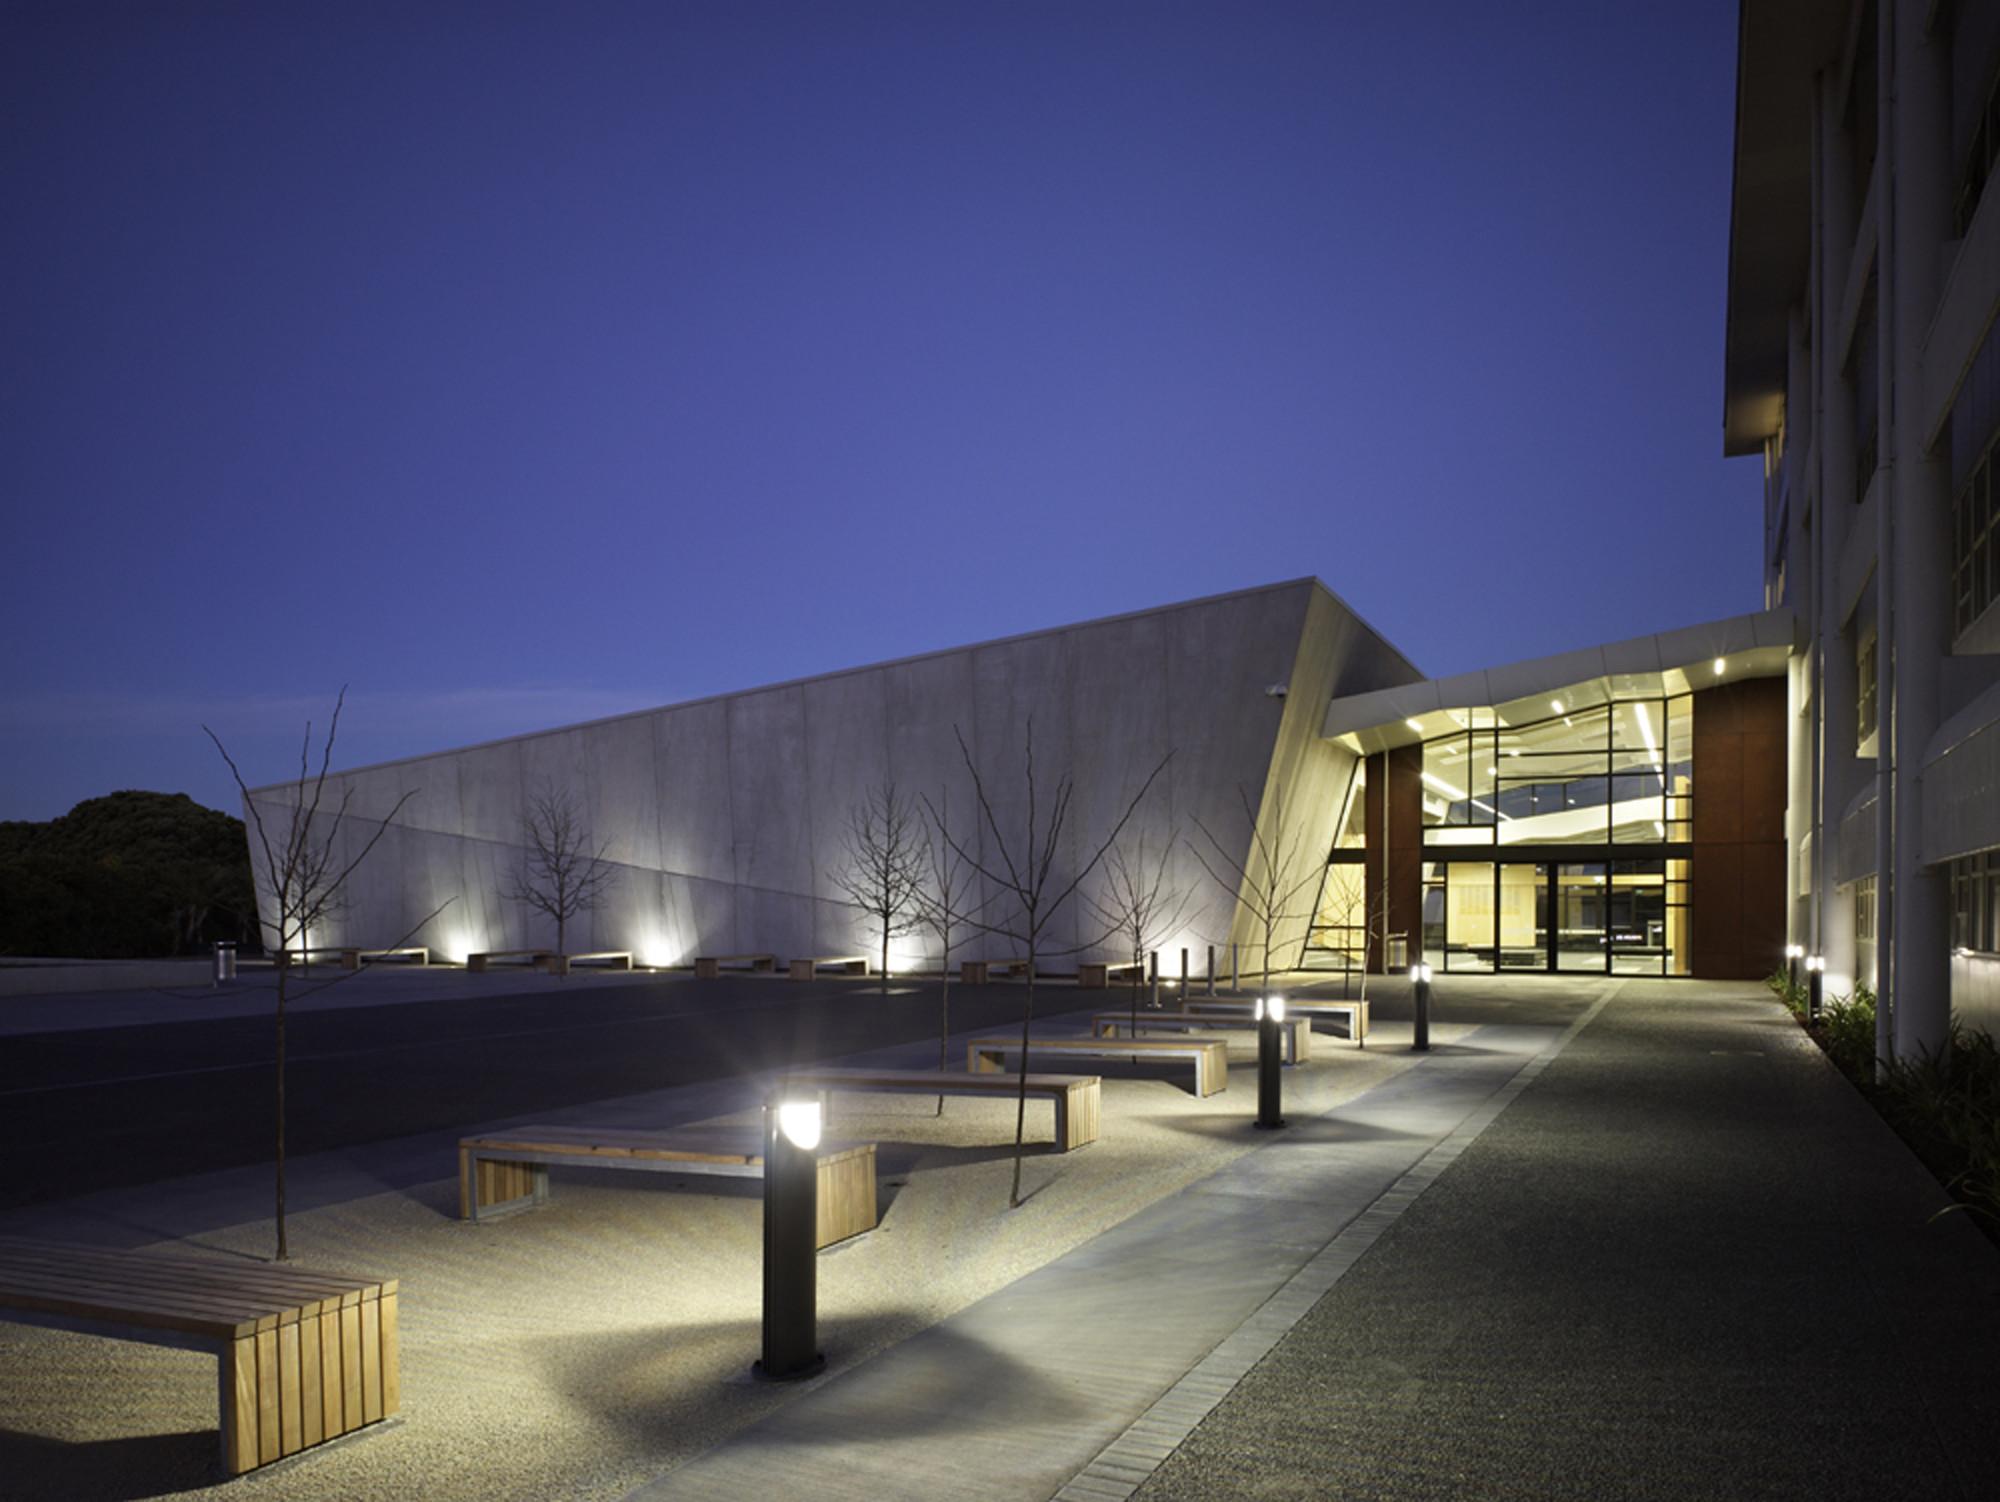 AUT Lecture Theatres / RTA Studio, © Simon Devitt